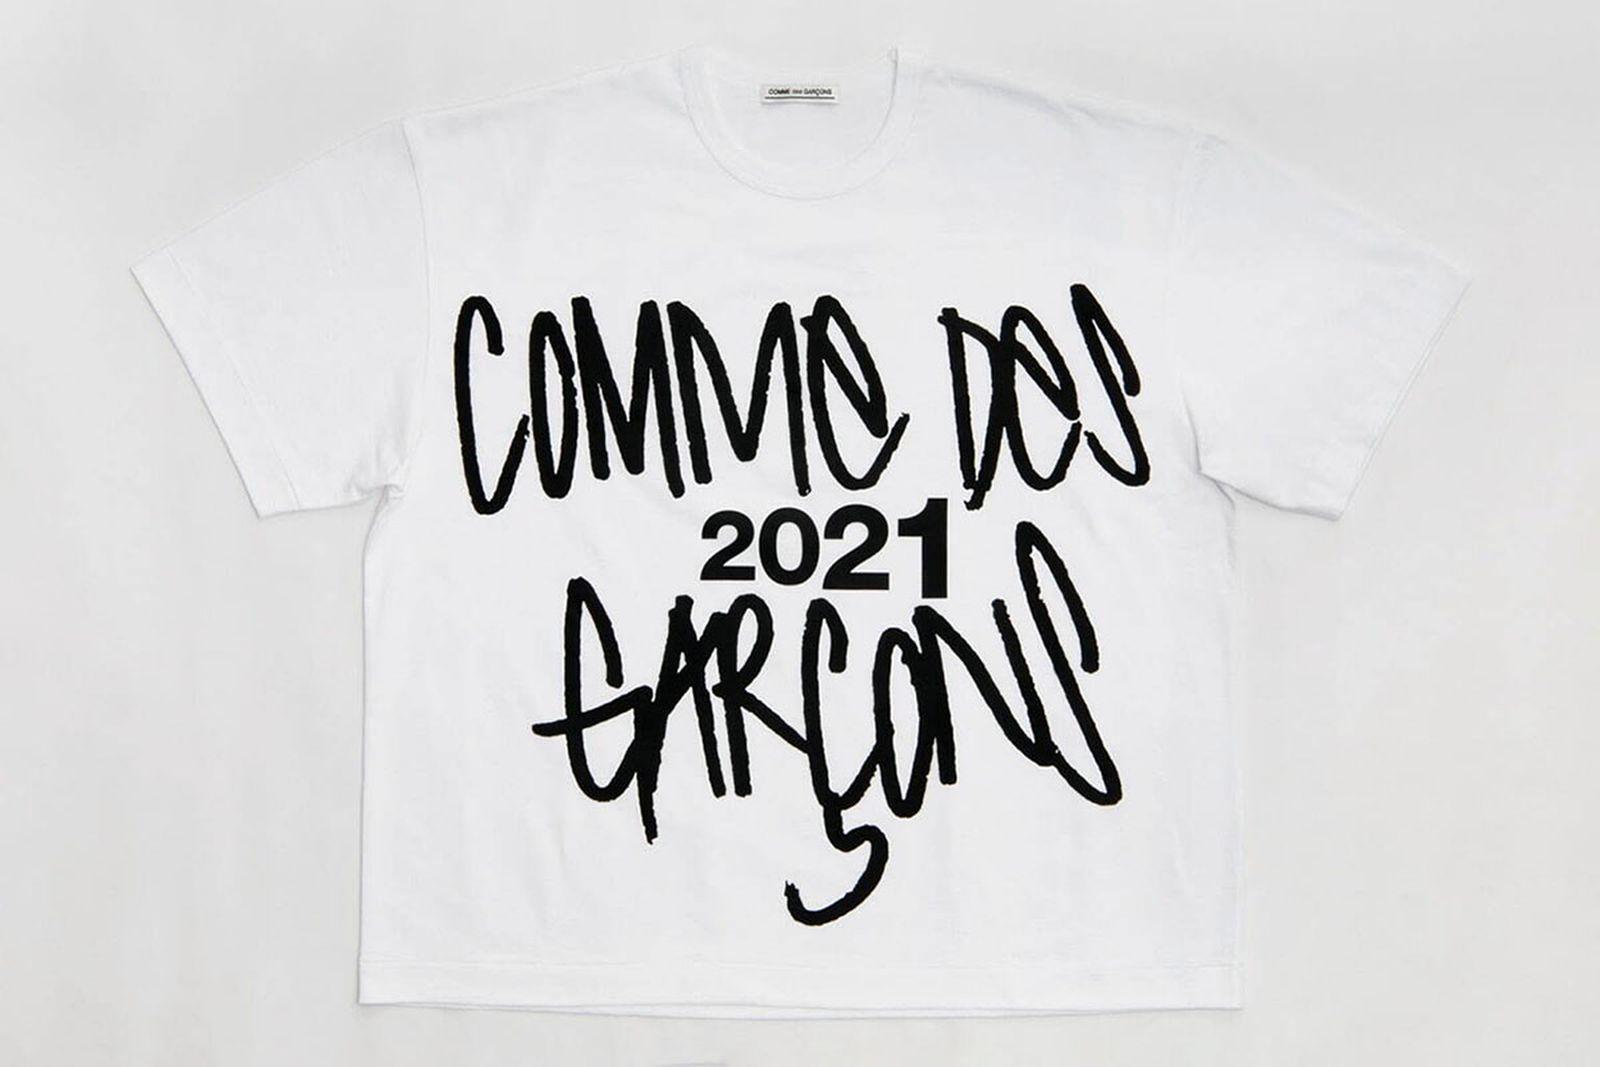 comme-des-garcons-logo-2021- (5)